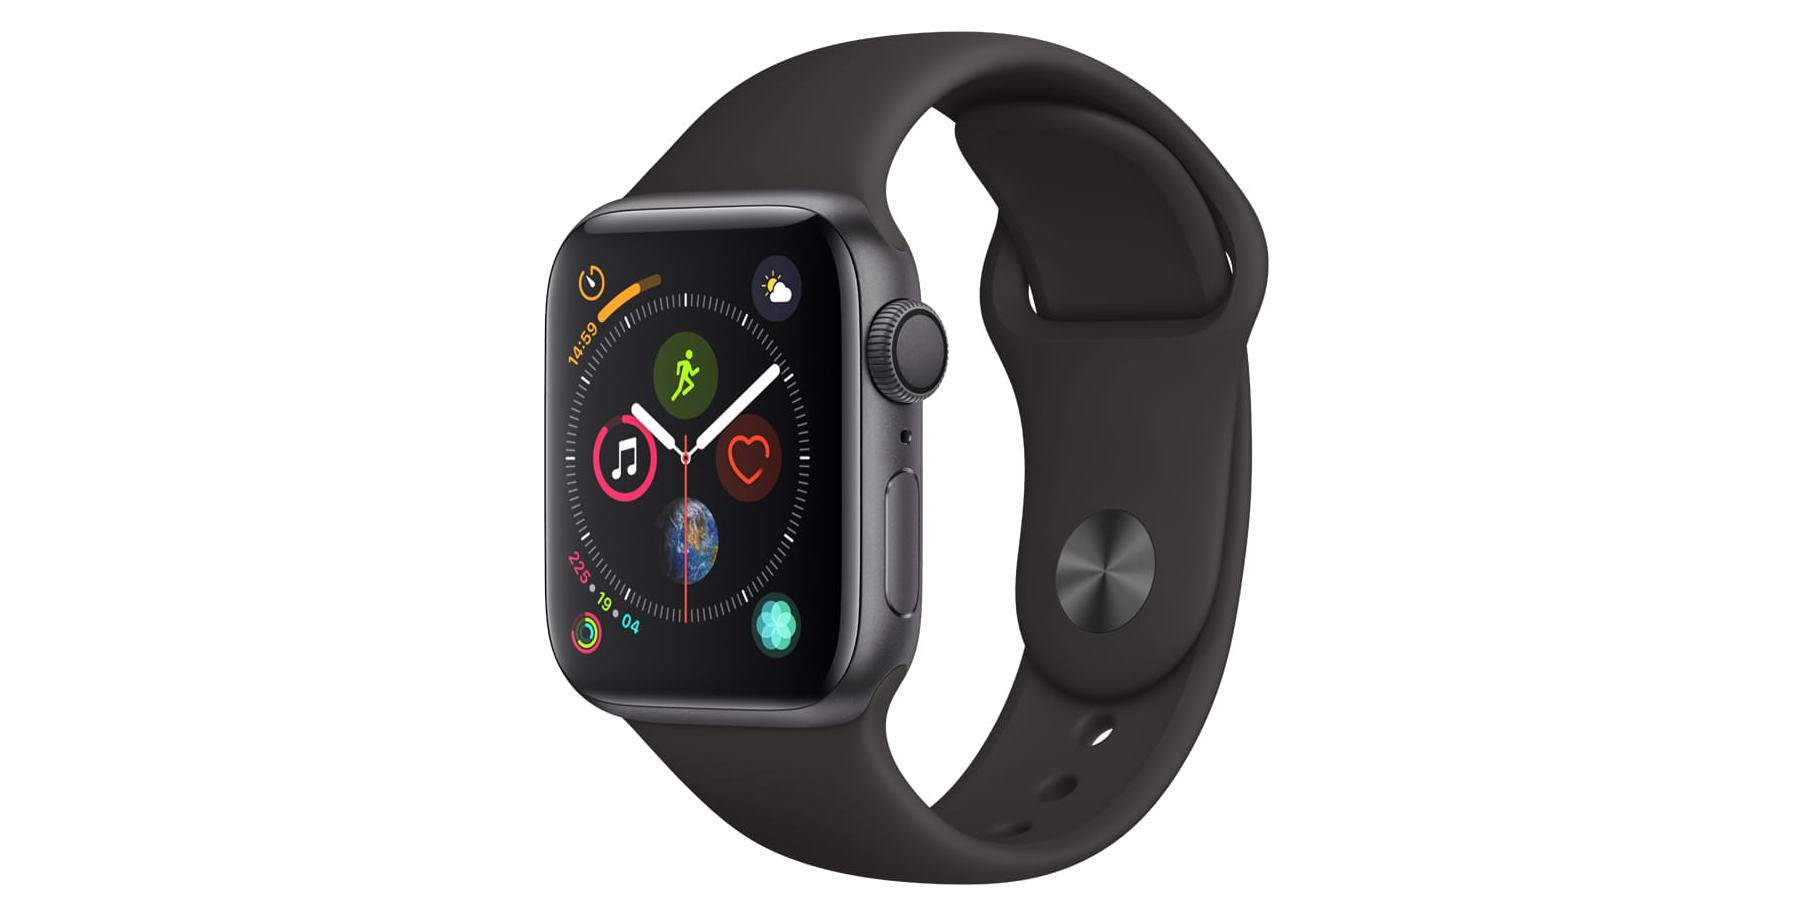 Apple Watch Series 4 gets $99 price drop in various styles, 44mm $330 (Cert. Refurb)